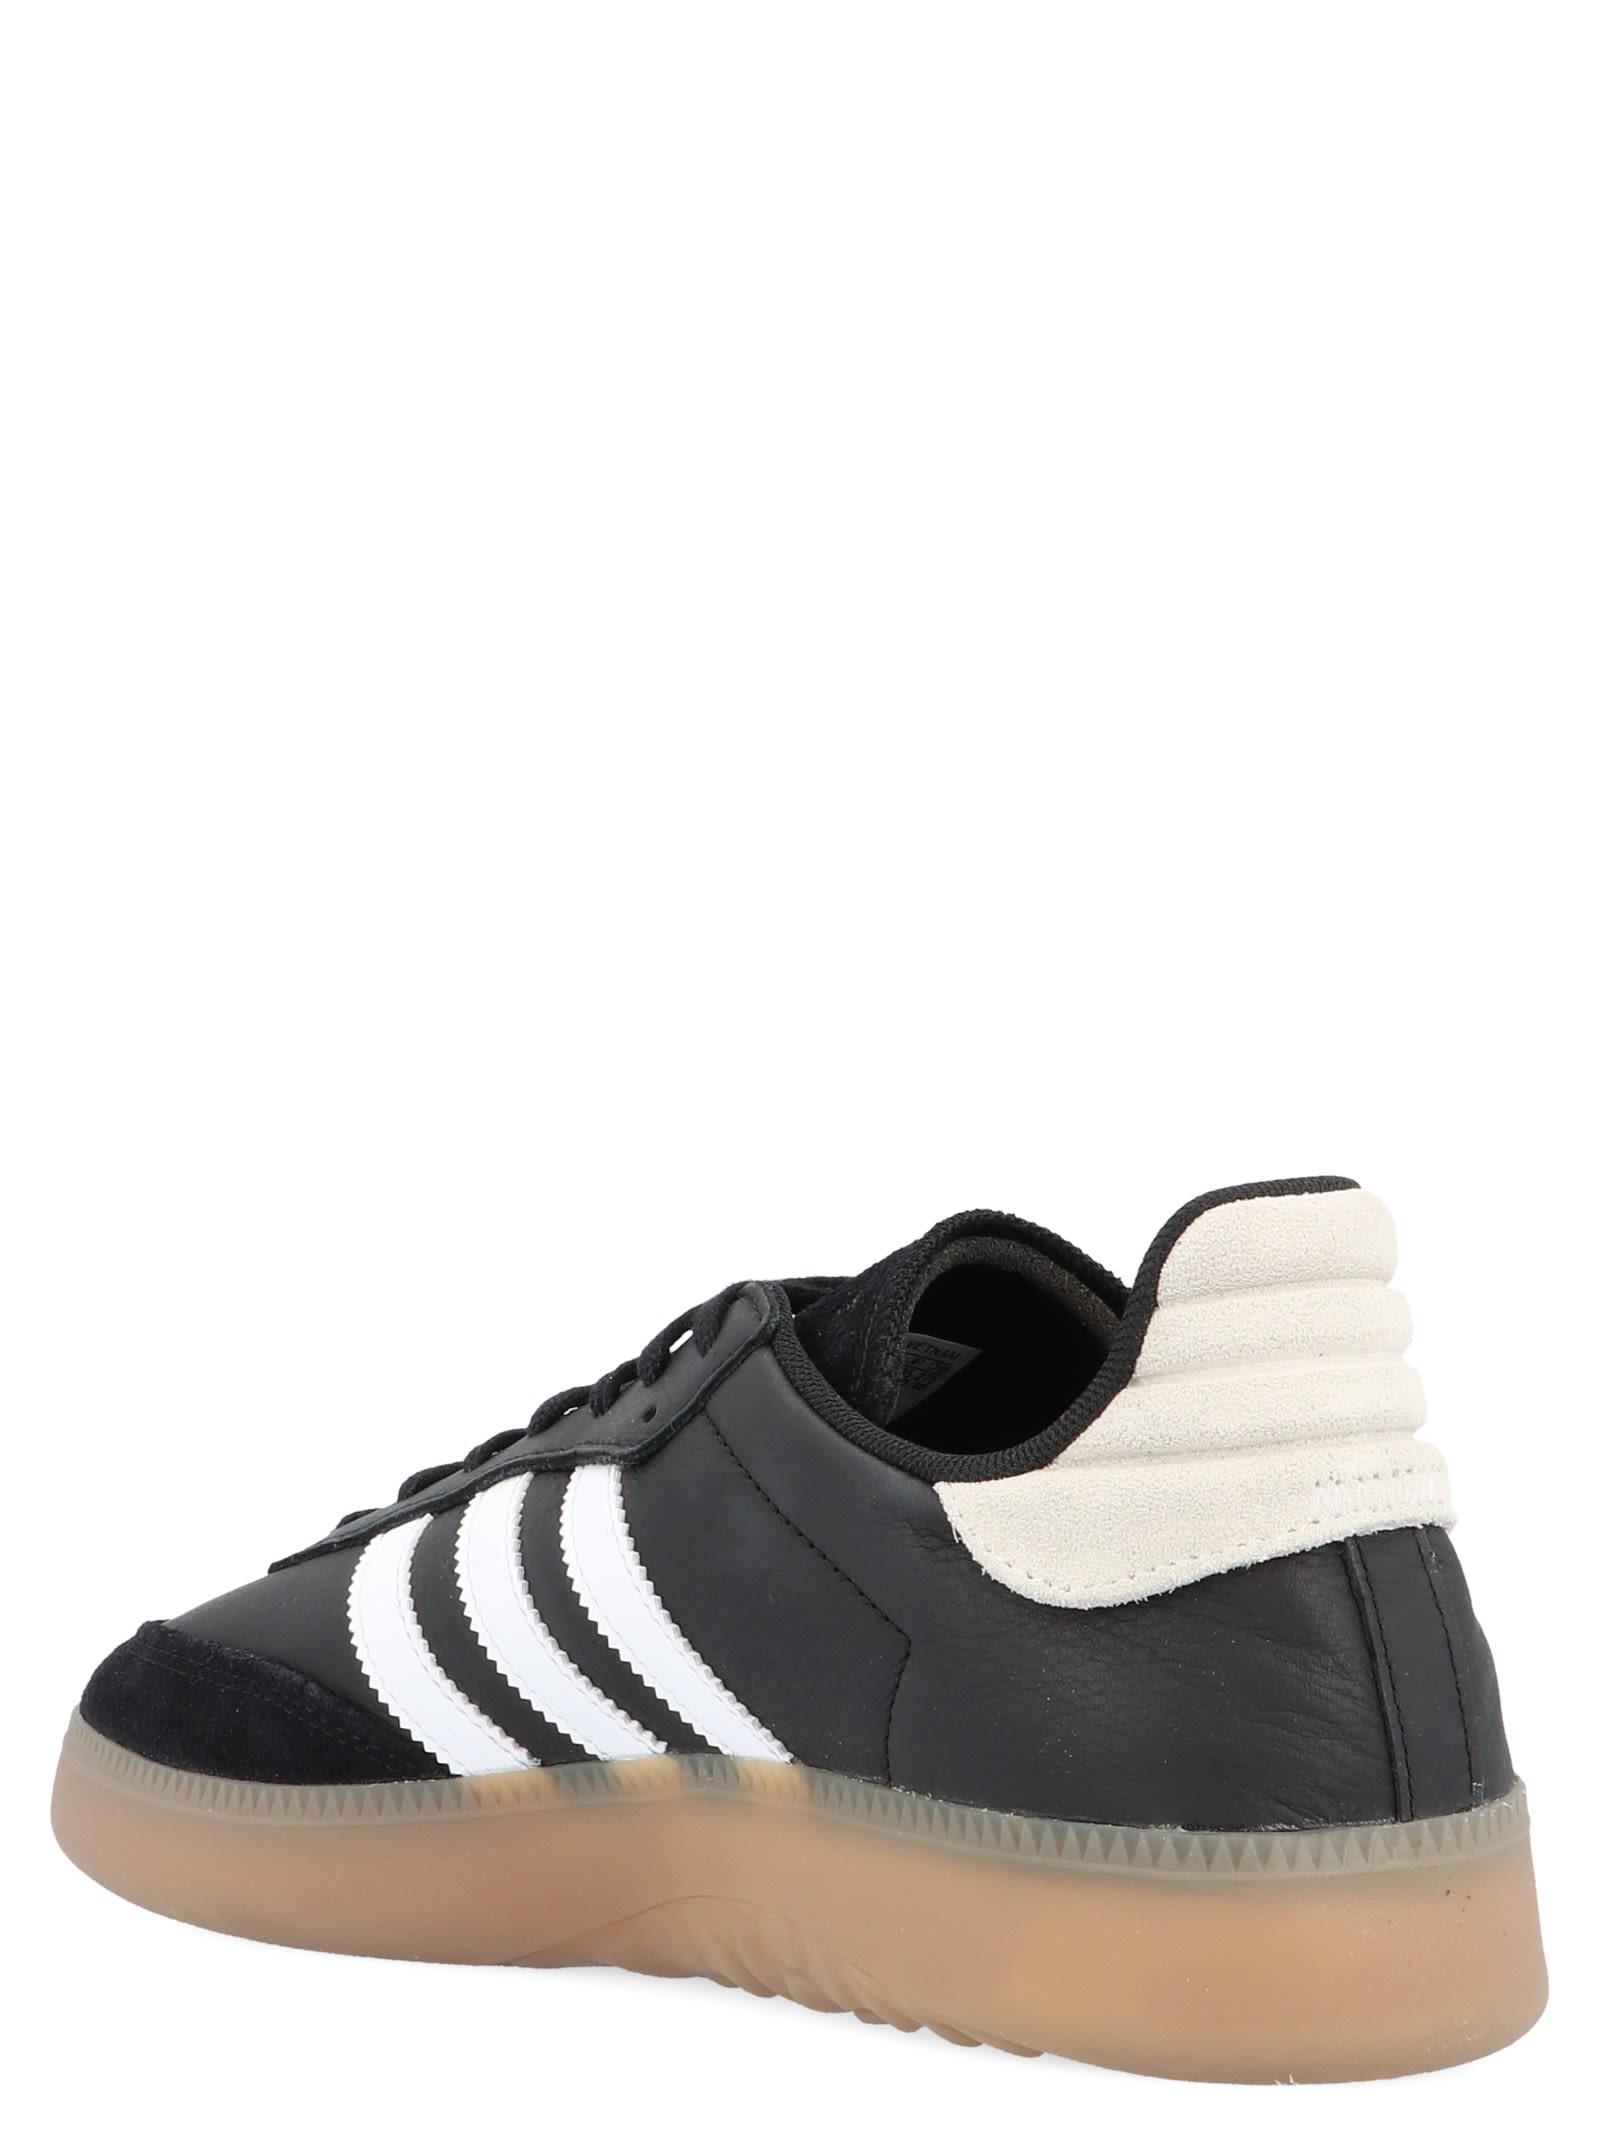 designer fashion c231d 101f5 ... Adidas Originals  samba Rm  Shoes - Black ...